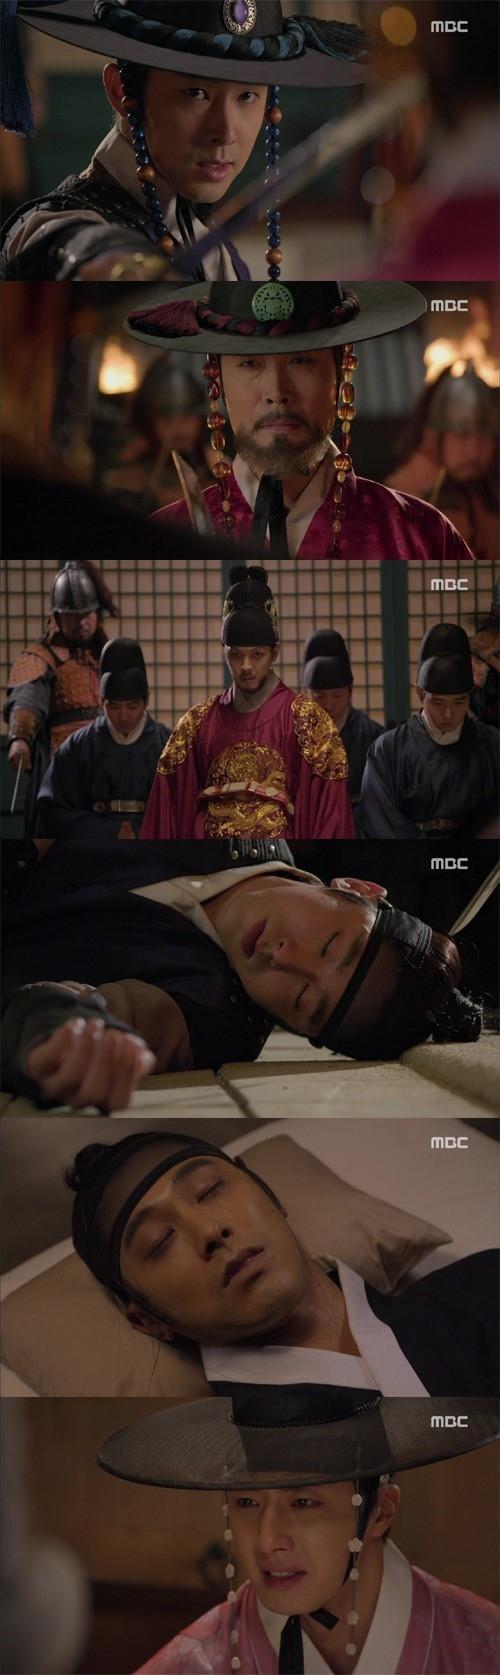 「夜警日誌」東方神起 ユンホ、キム・フンスを救うために選んだ道は?